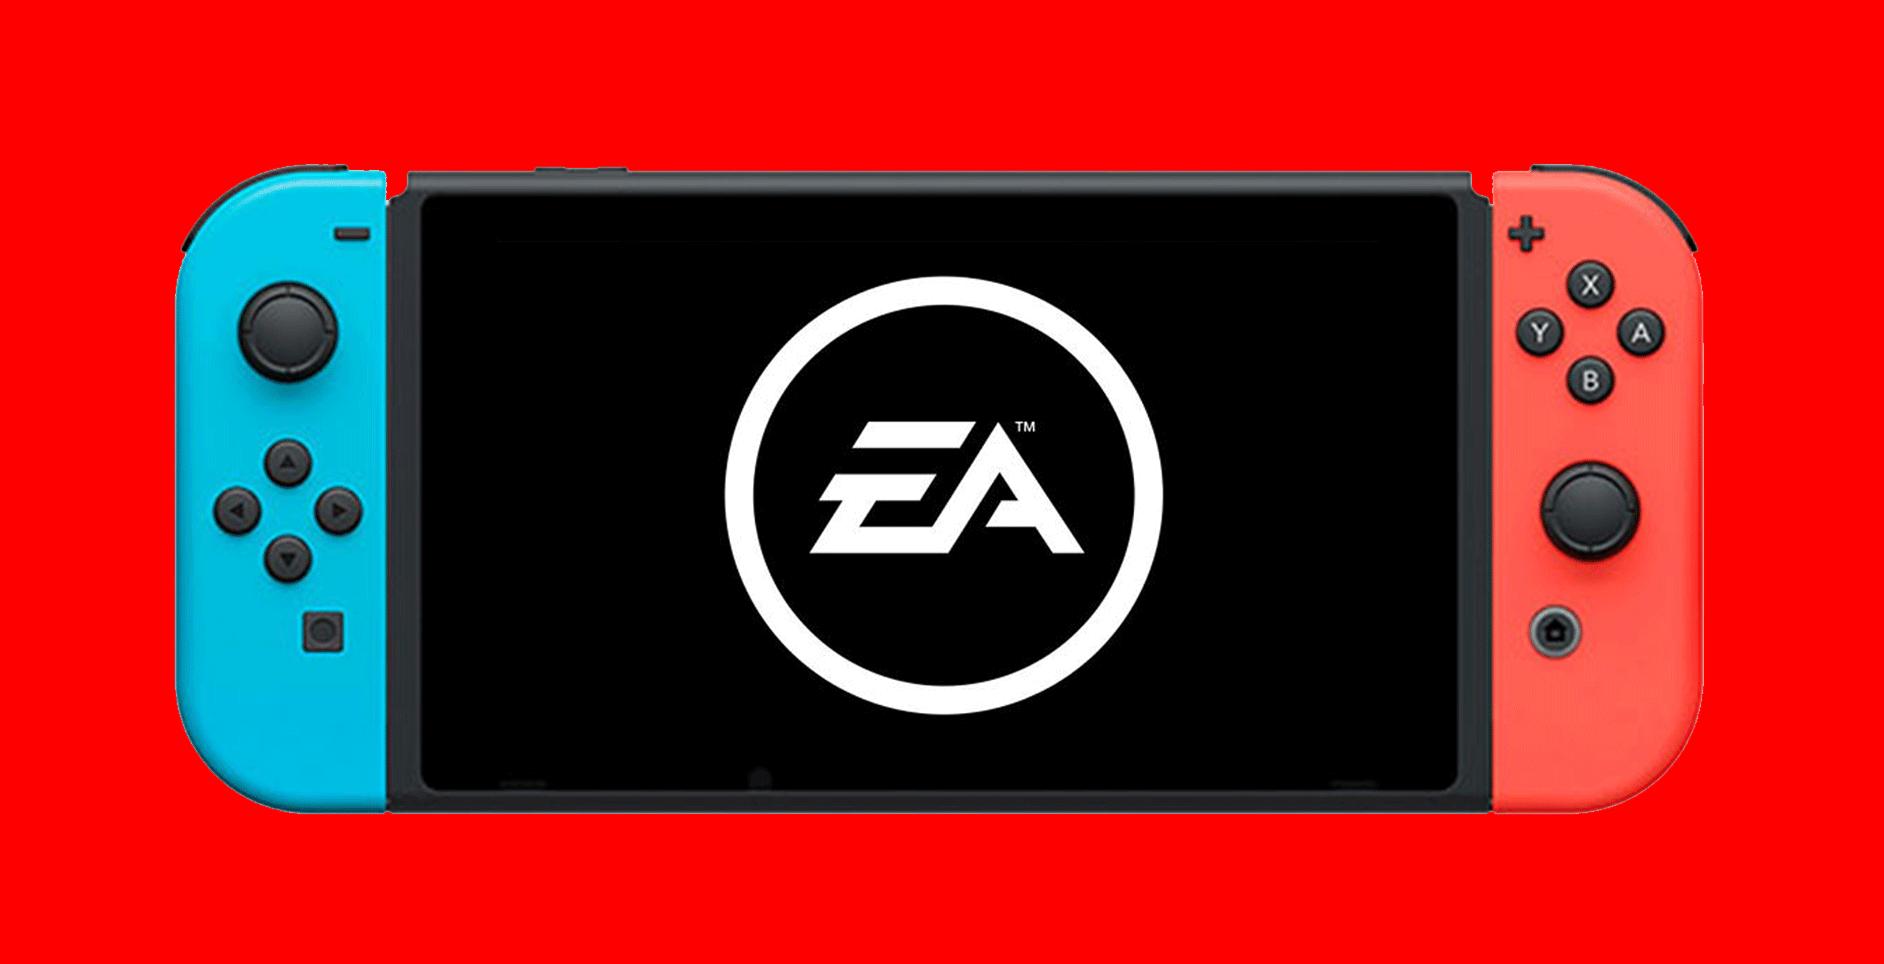 Nintendo Switch whit EA's logo